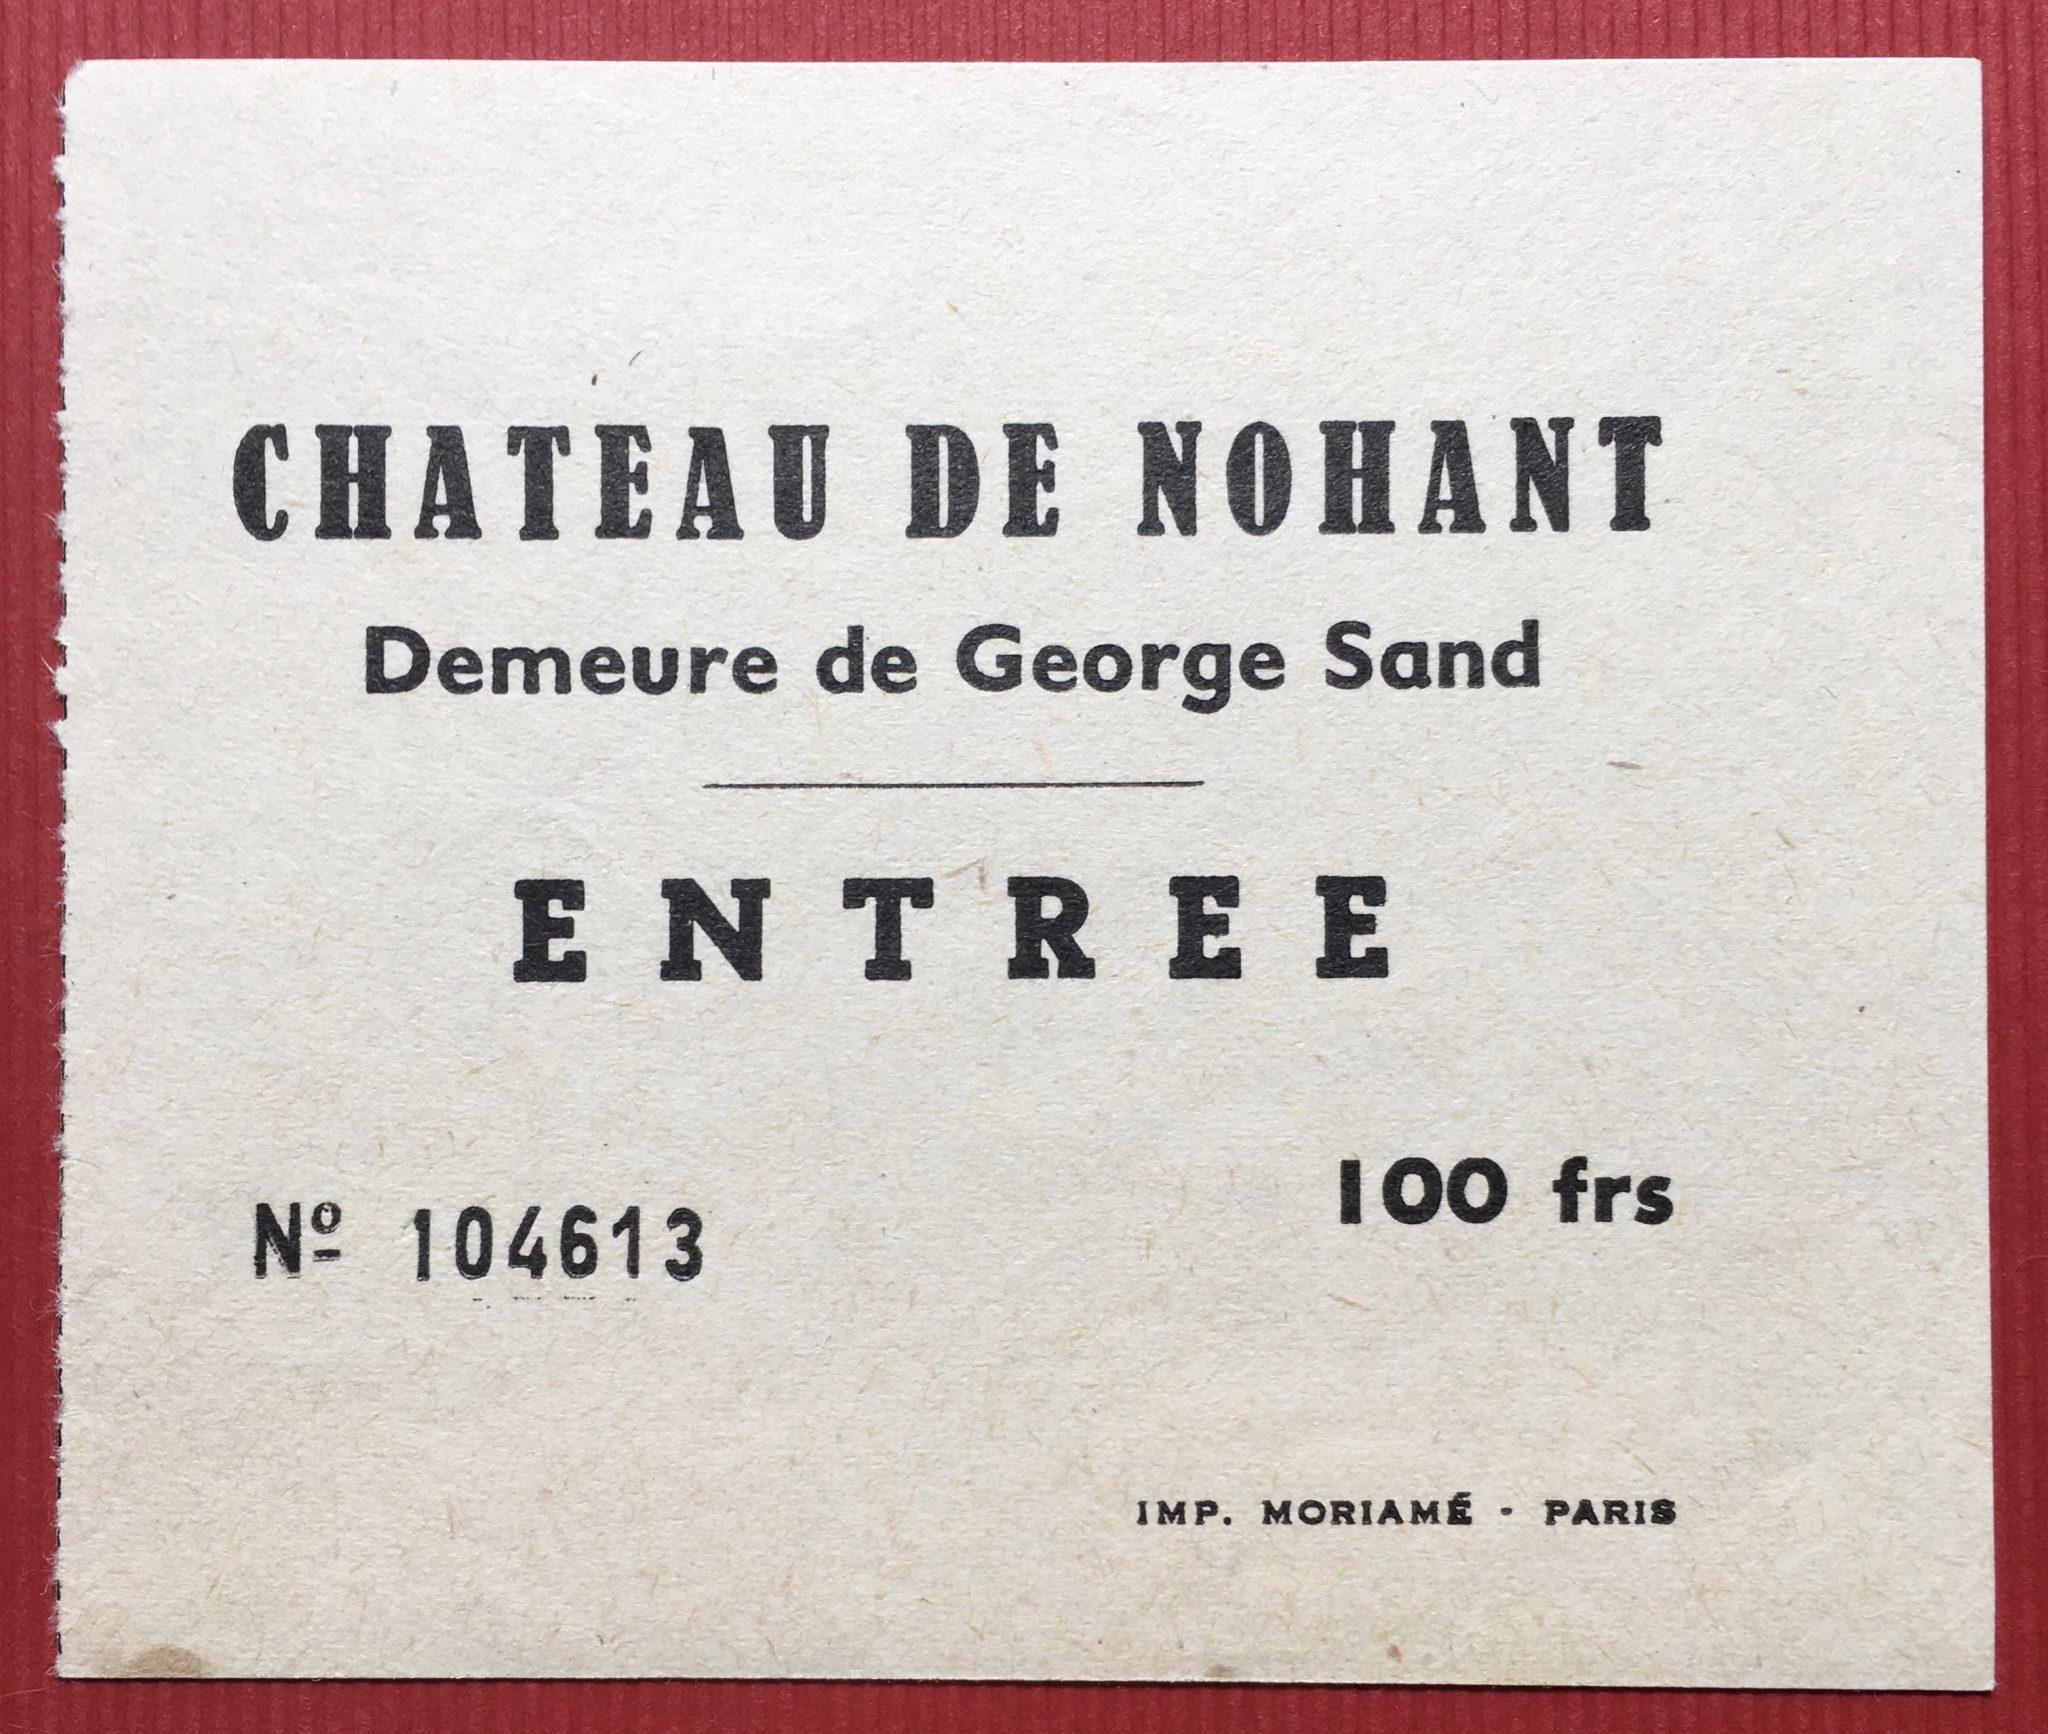 Billet de visite 1971